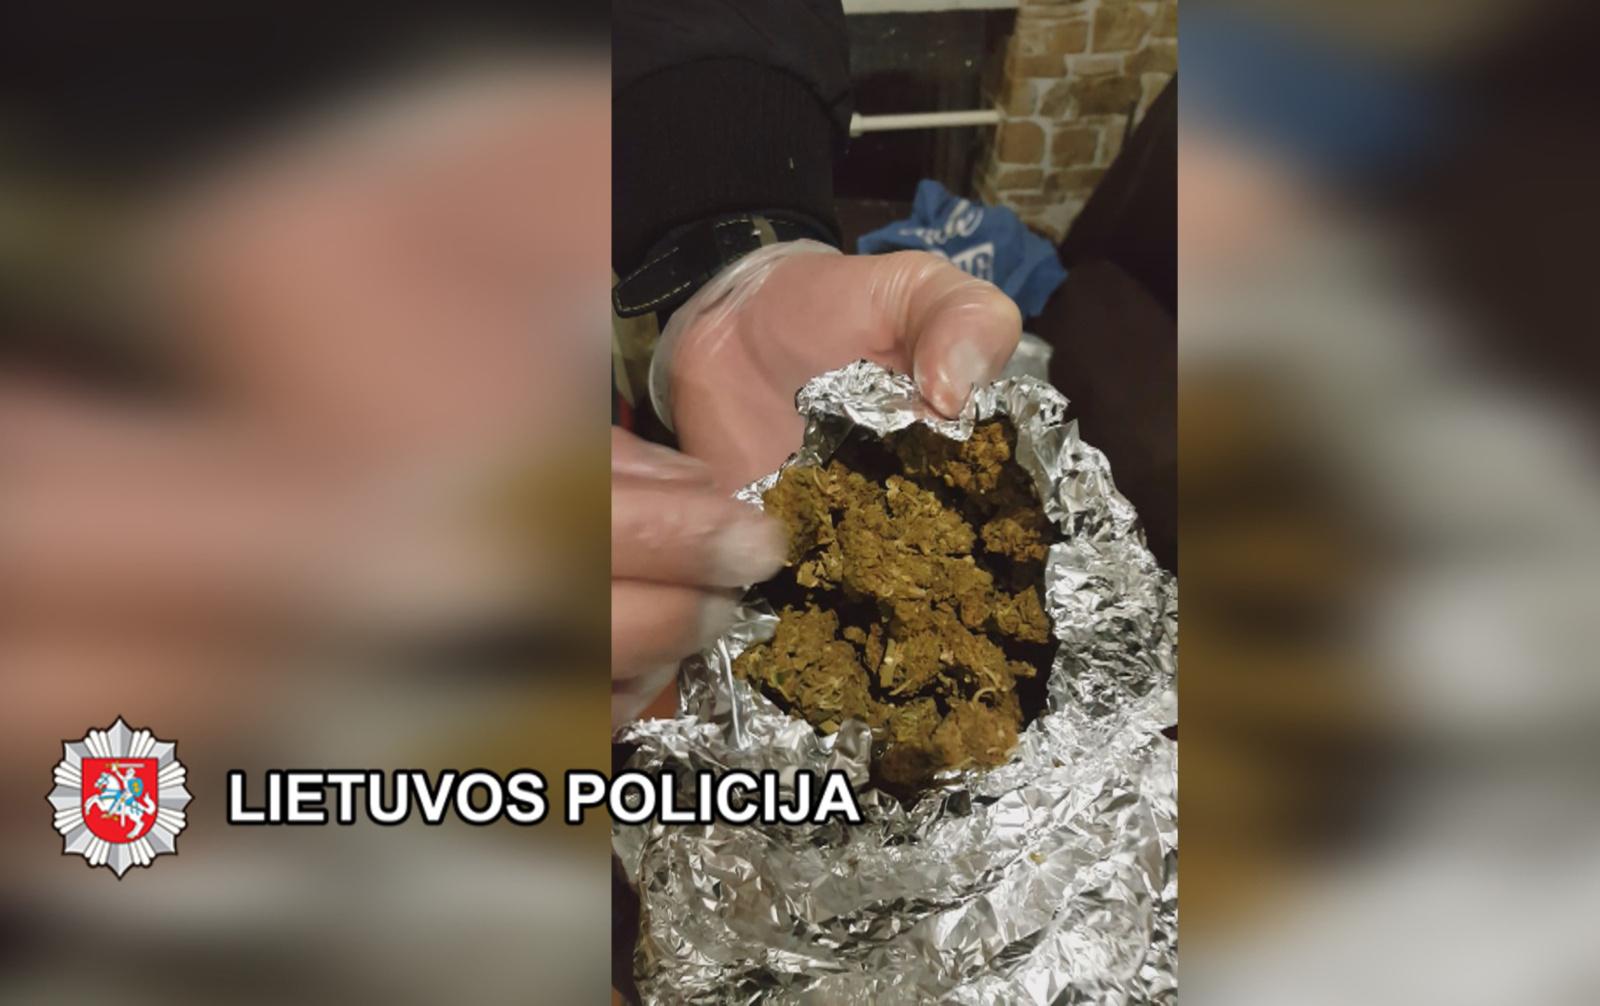 Kratų metu klaipėdiečių bute rasta kone kilogramas kanapių, taip pat amfetamino ir kokaino (vaizdo įrašas)